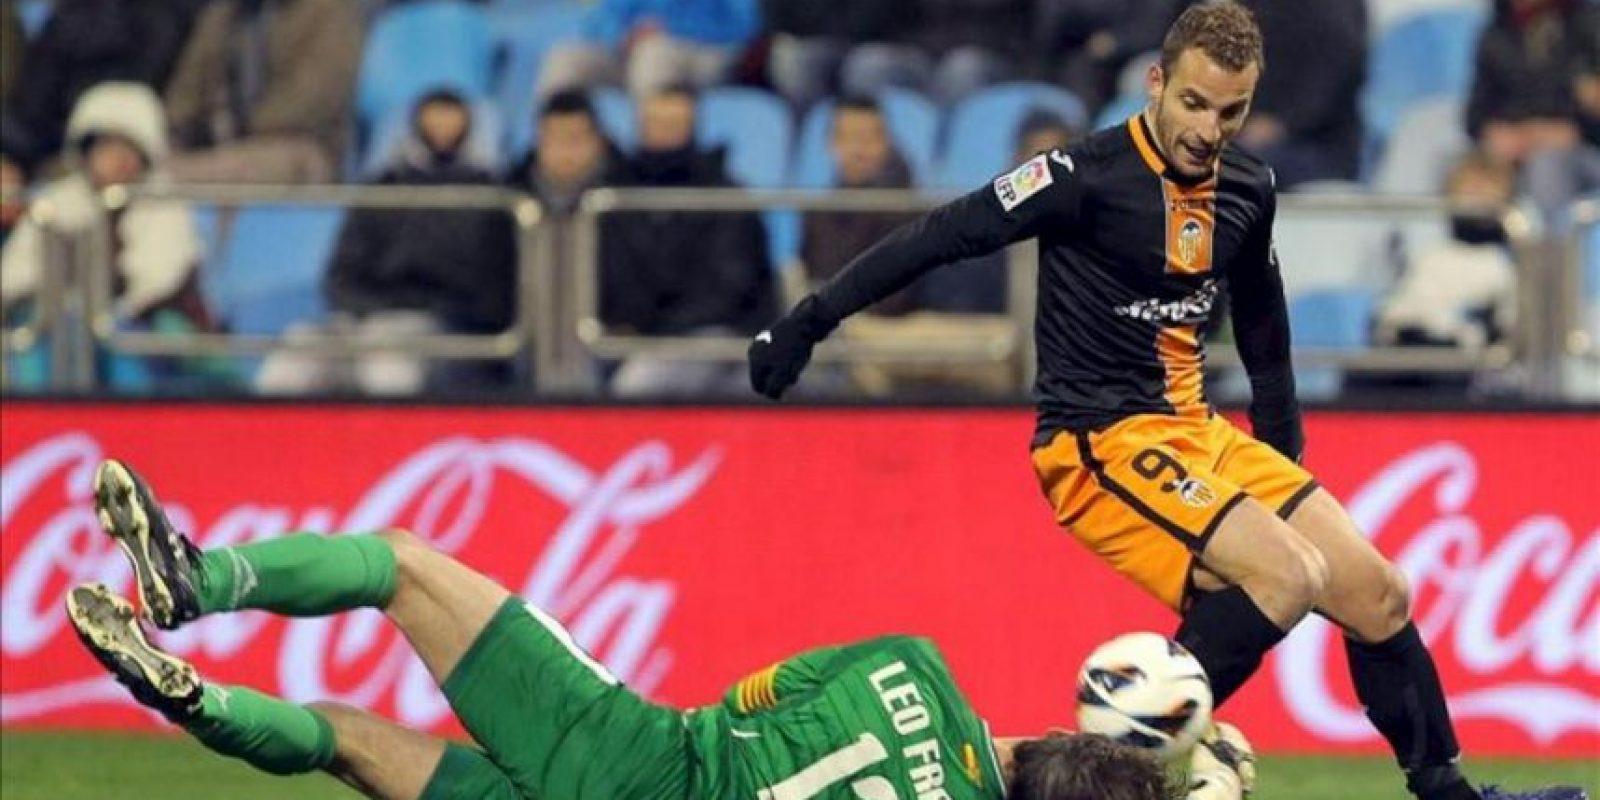 El delantero del Valencia Roberto Soldado (d) lucha un balón con el portero argentino del Real Zaragoza Leo Franco (i), durante el partido de la vigésimo quinta jornada de Liga de Primera División disputado en el estadio de La Romareda. EFE